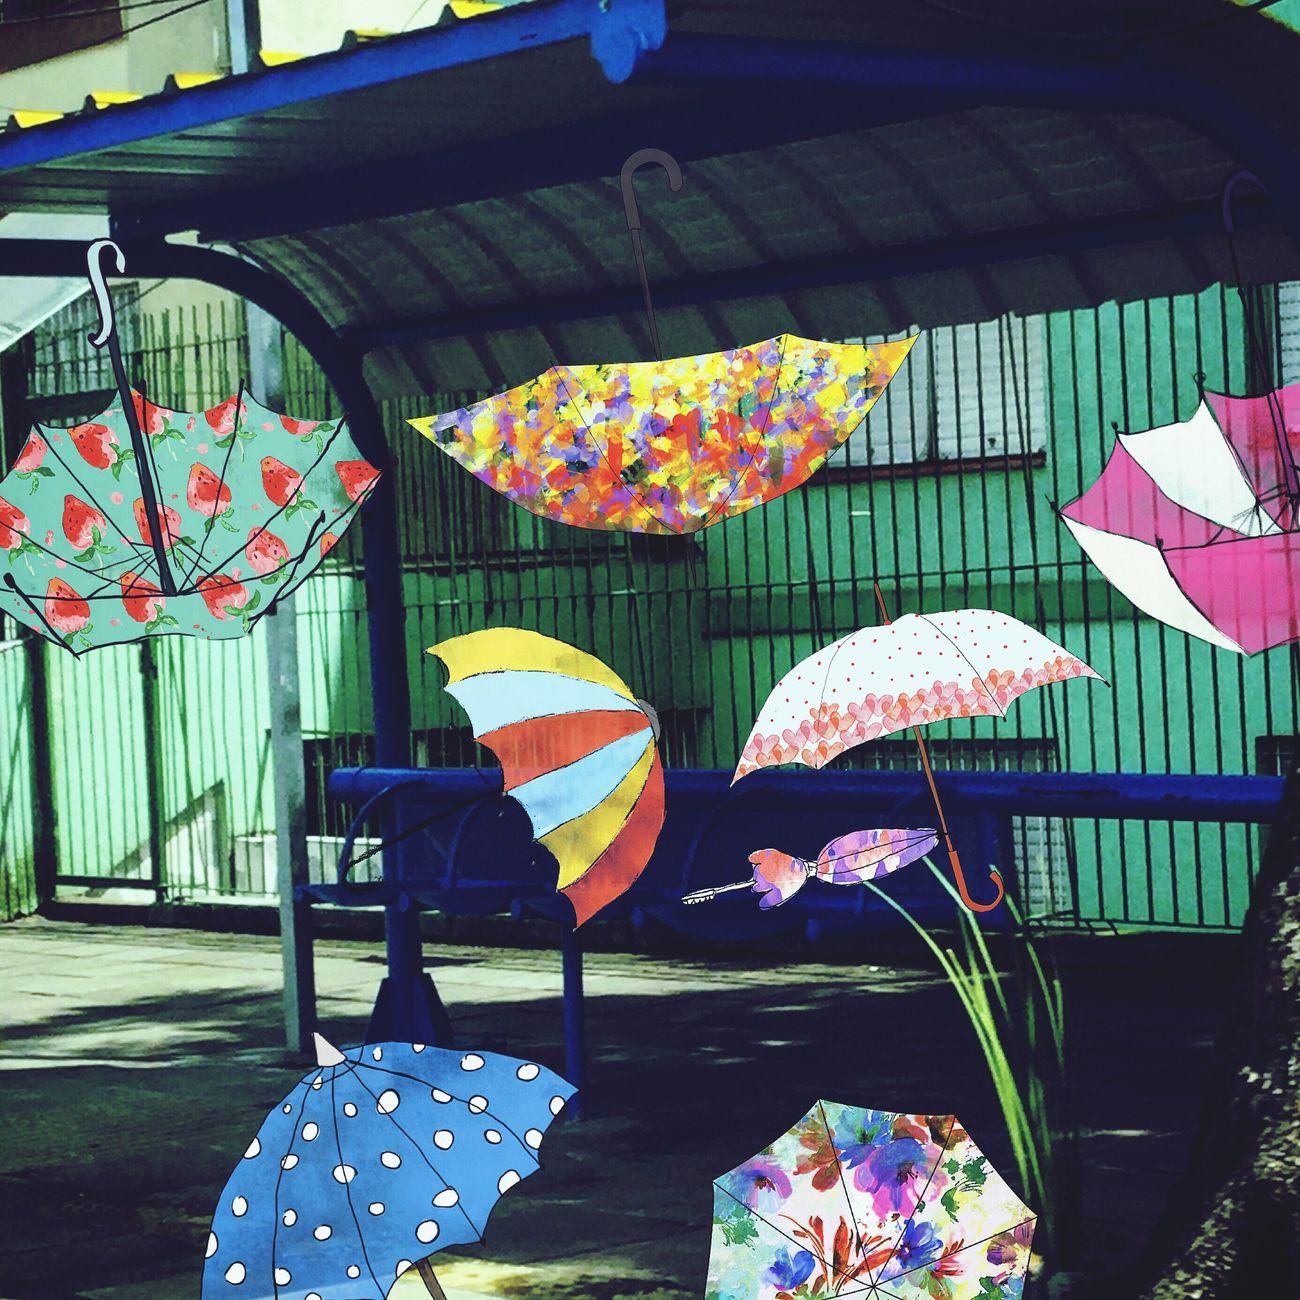 Umbrellas and colors. Picsart